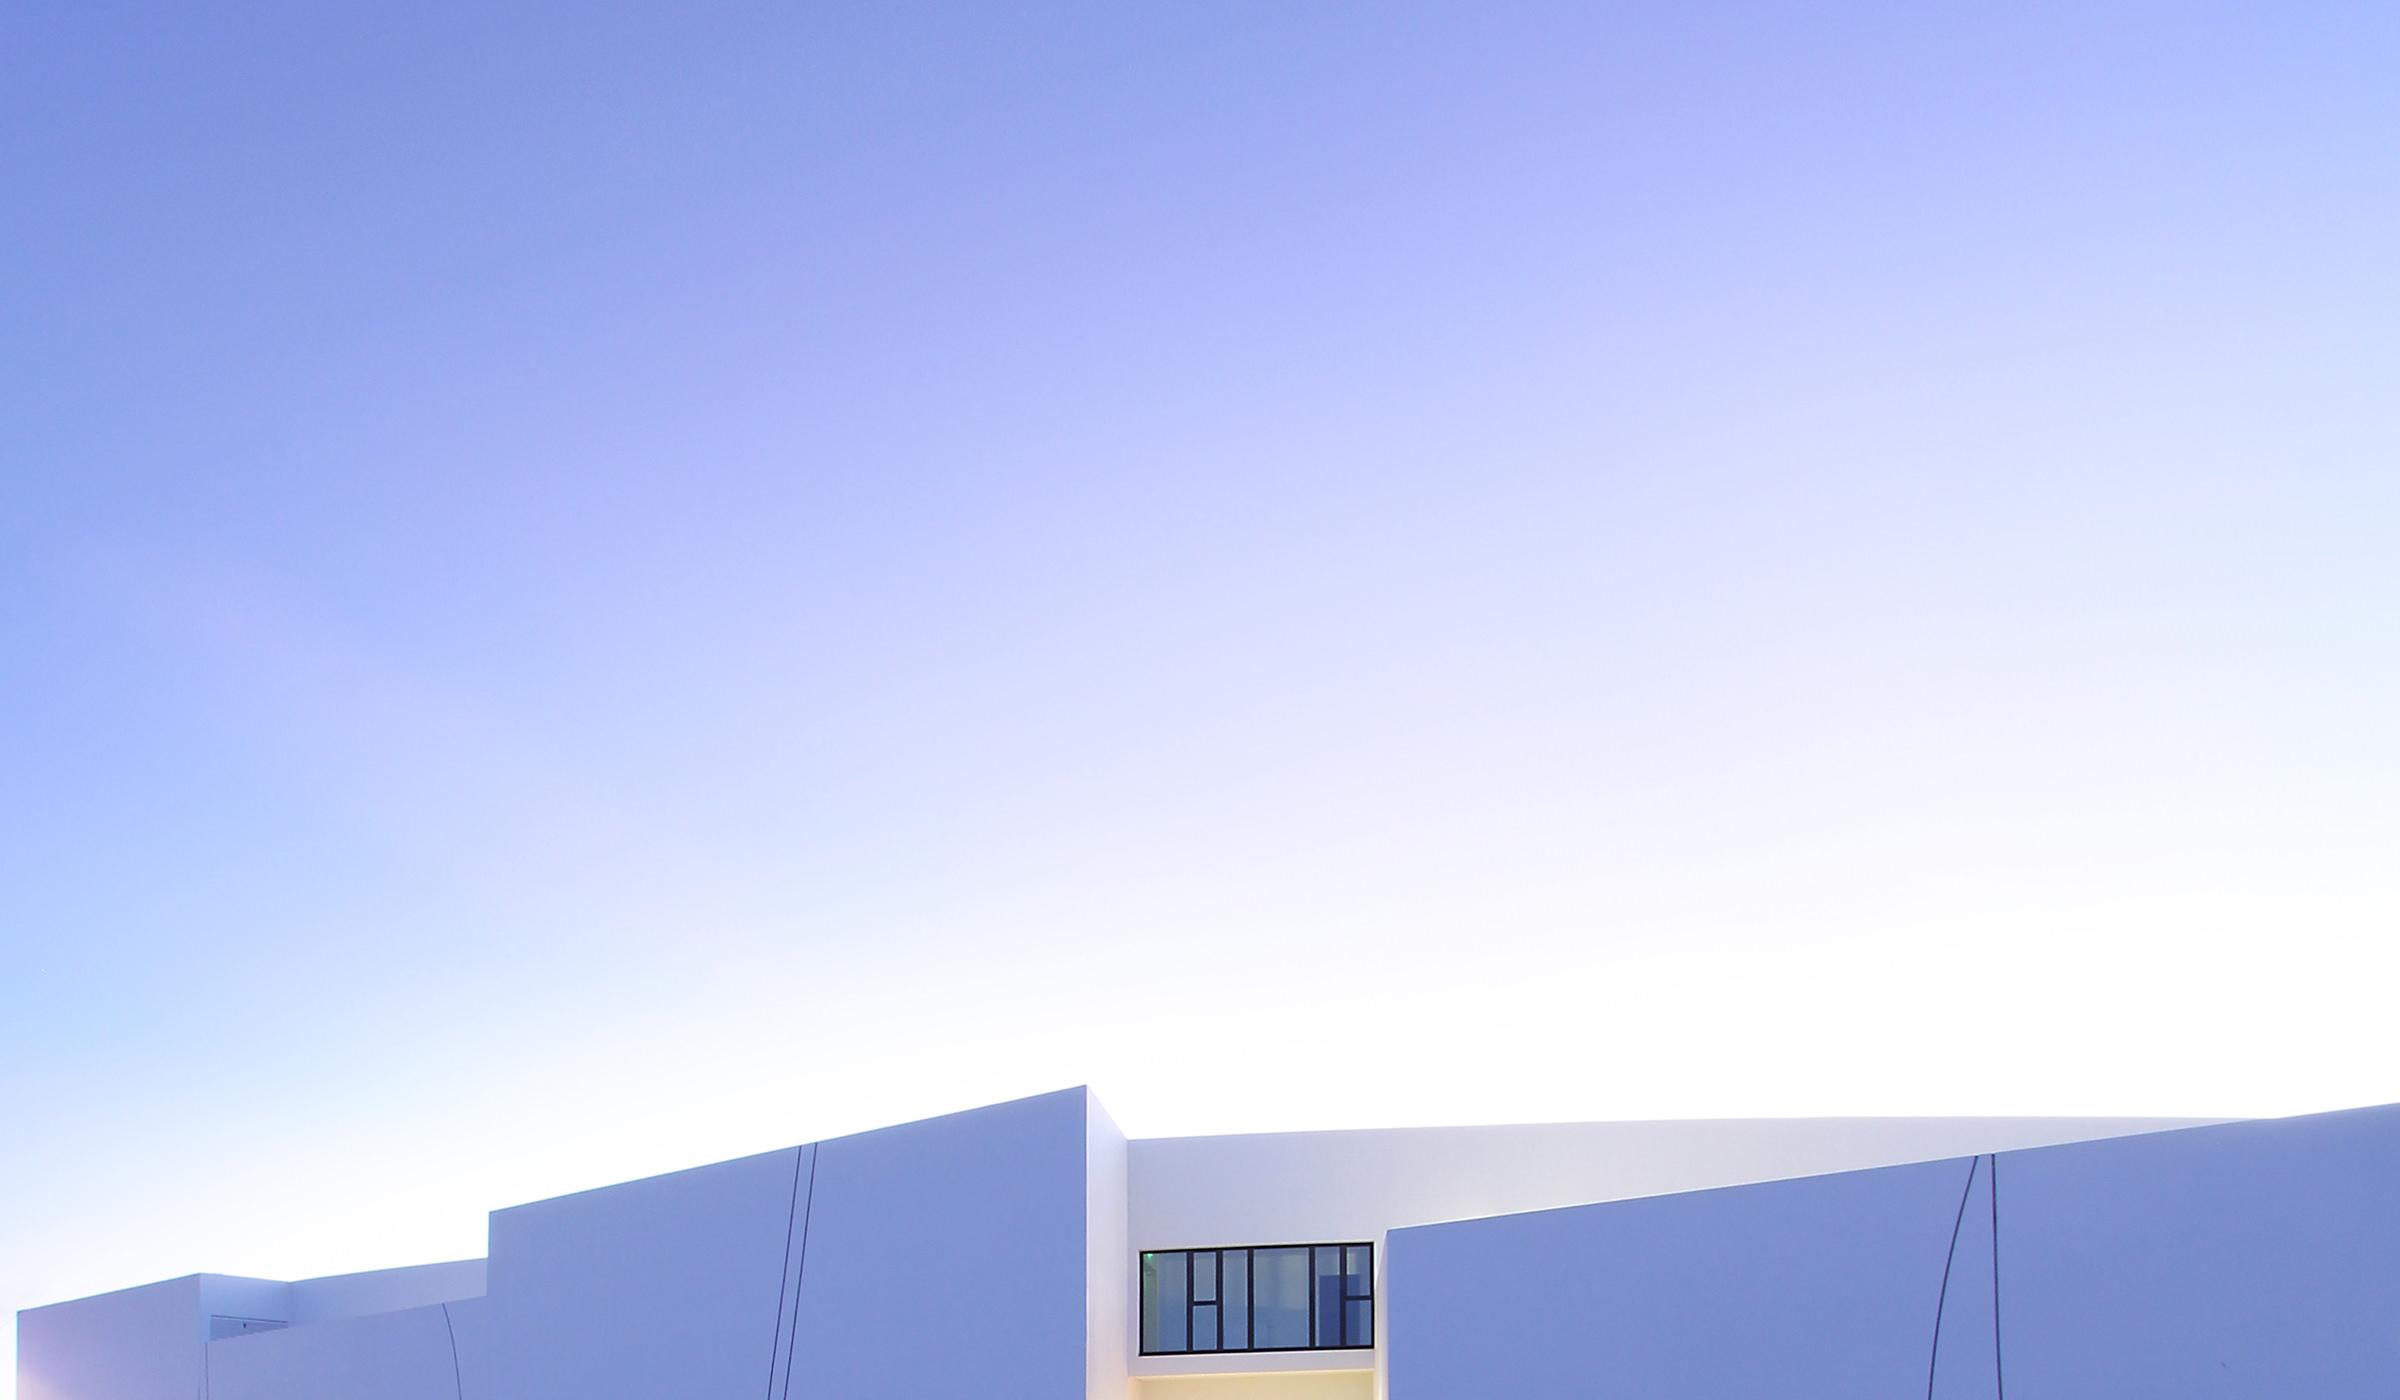 Photo de la façade bleuté de l'école des perseides à Andromède prés de Blagnac